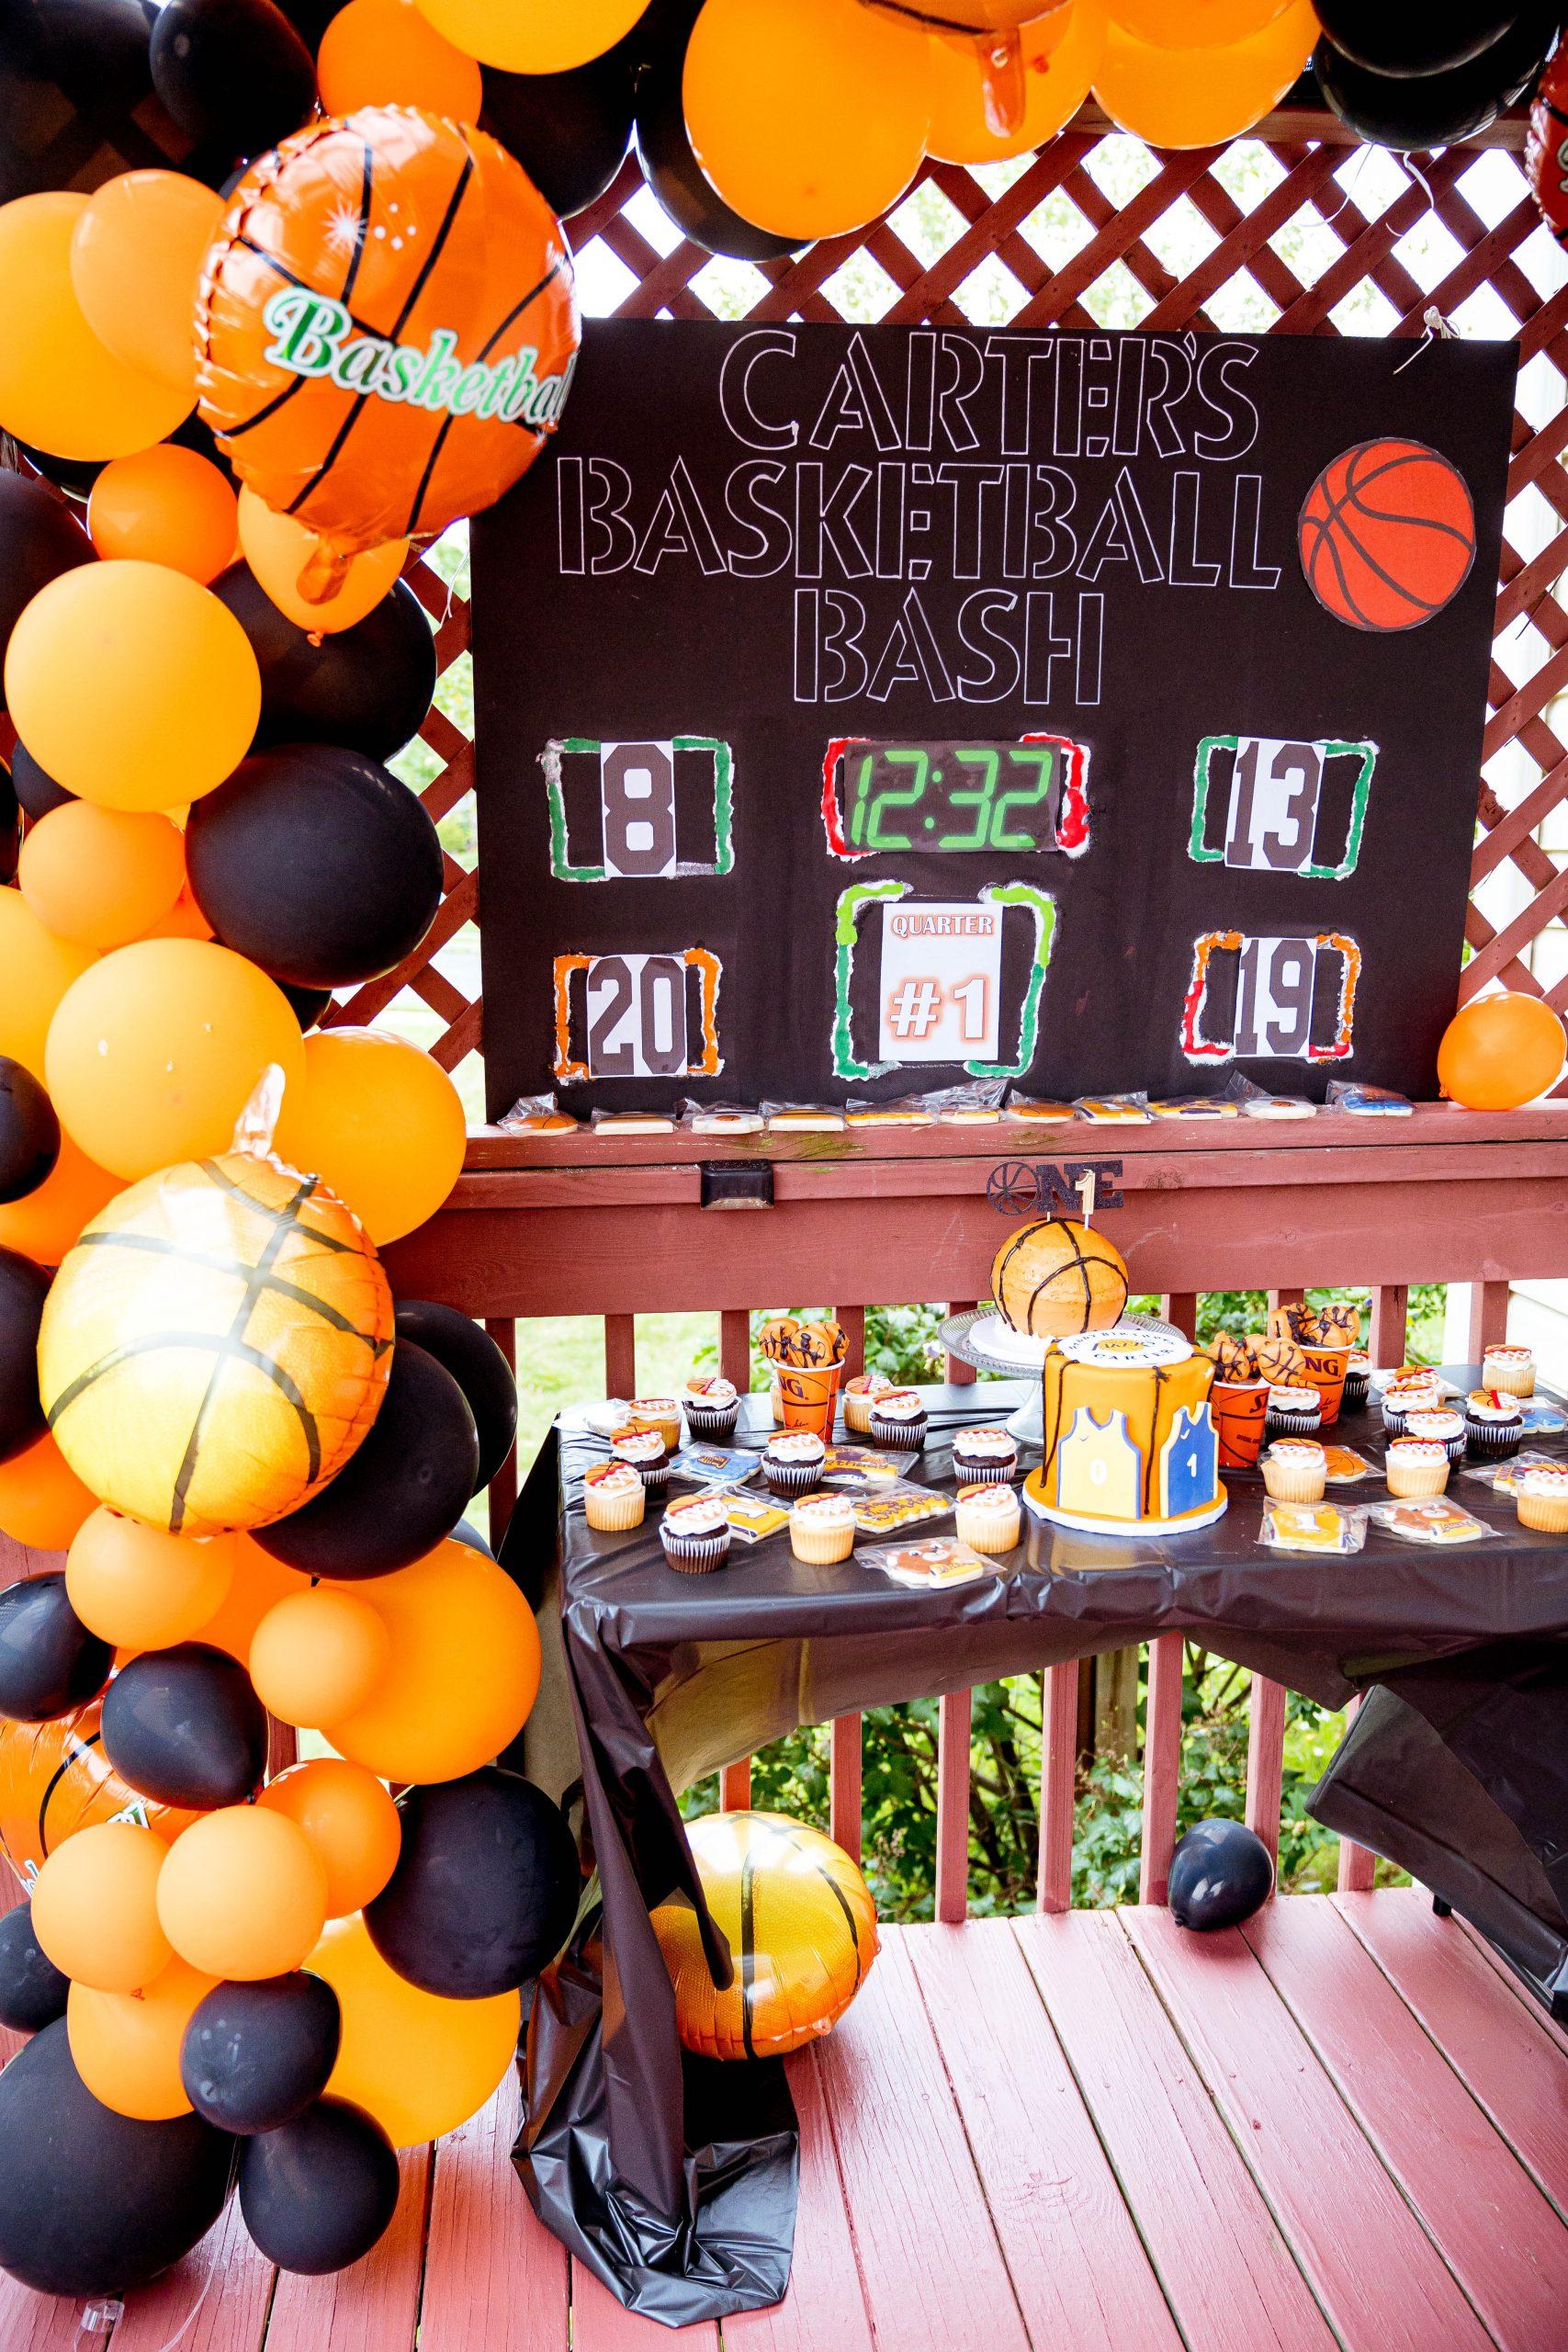 livinglesh dessert table for basketball birthday party